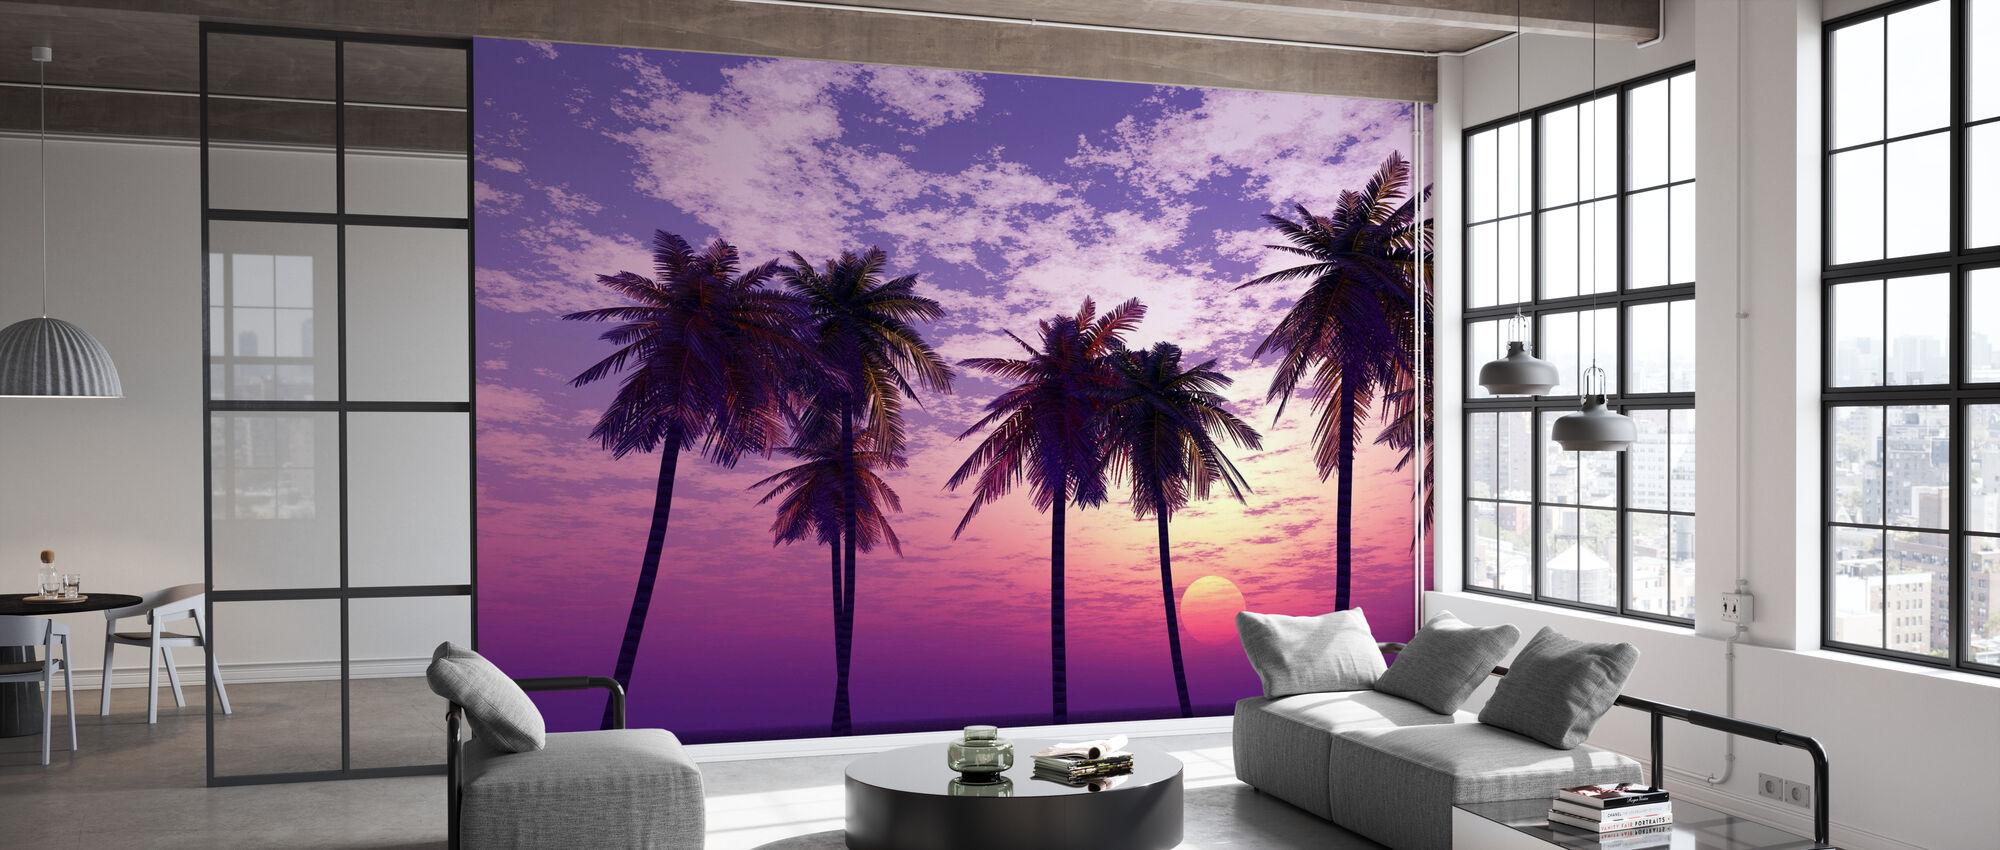 Hermosa puesta de sol - Papel pintado - Oficina